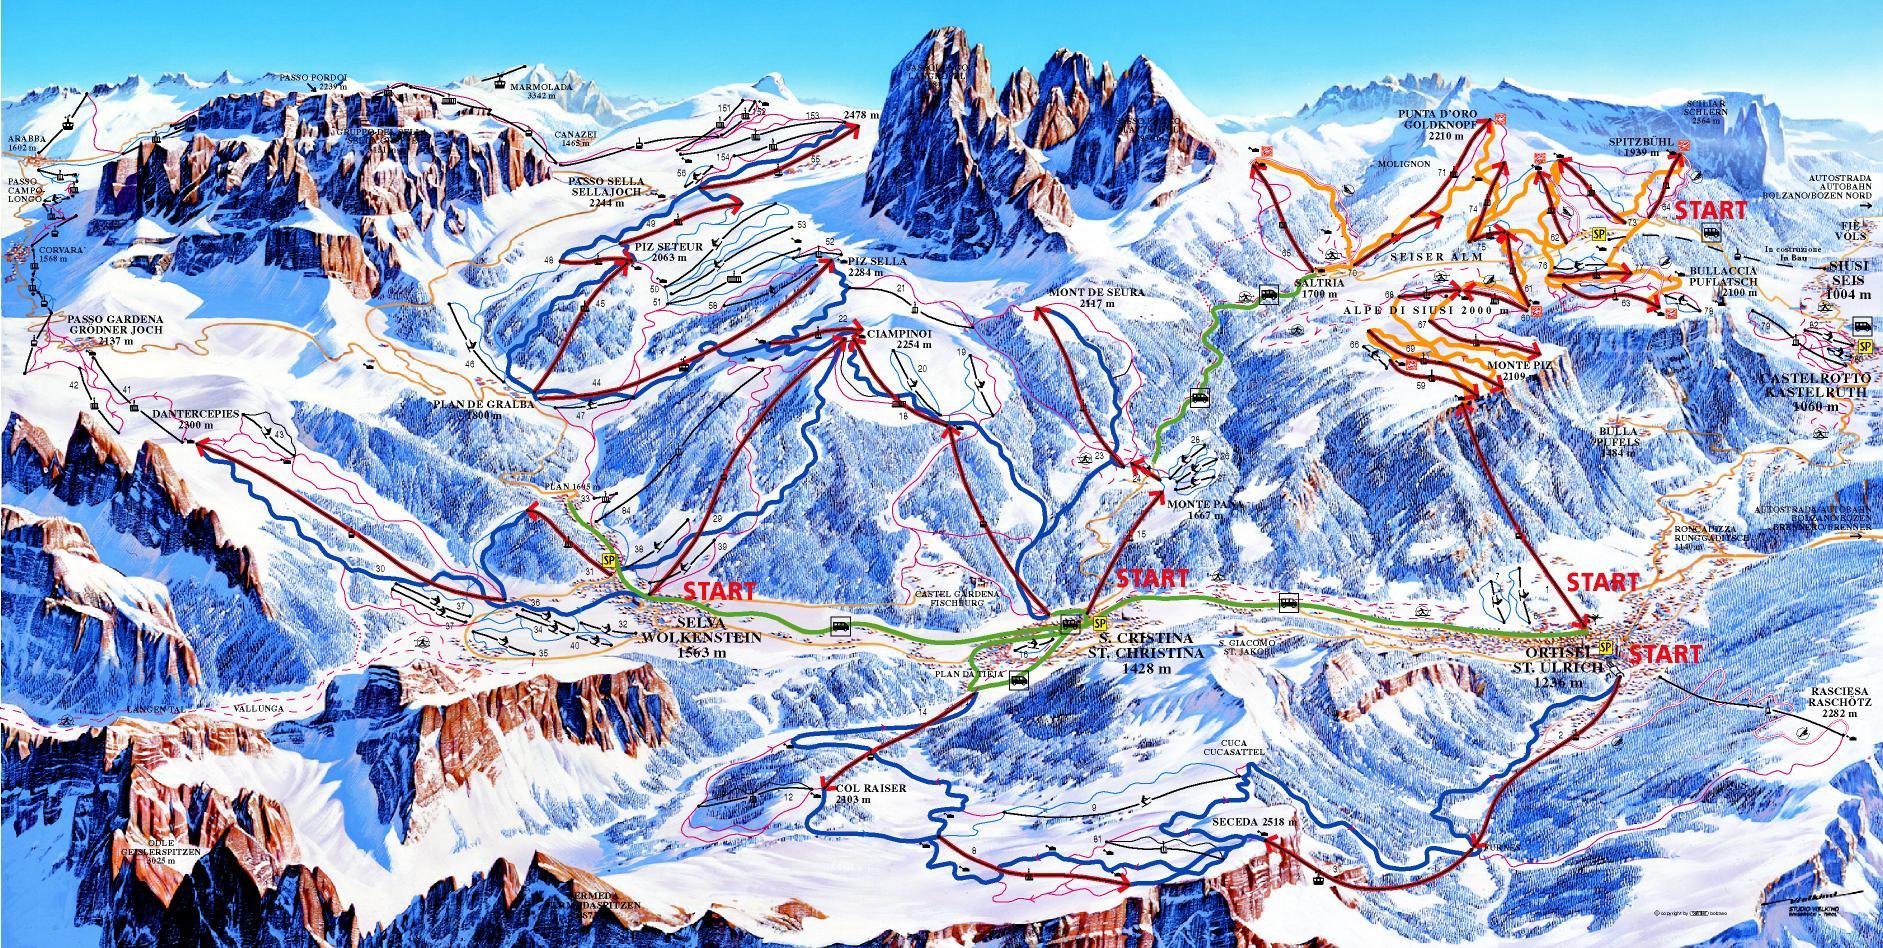 Vorschau 2020 - Skifahren in Südtirol vom 04.03.-08.03.2020